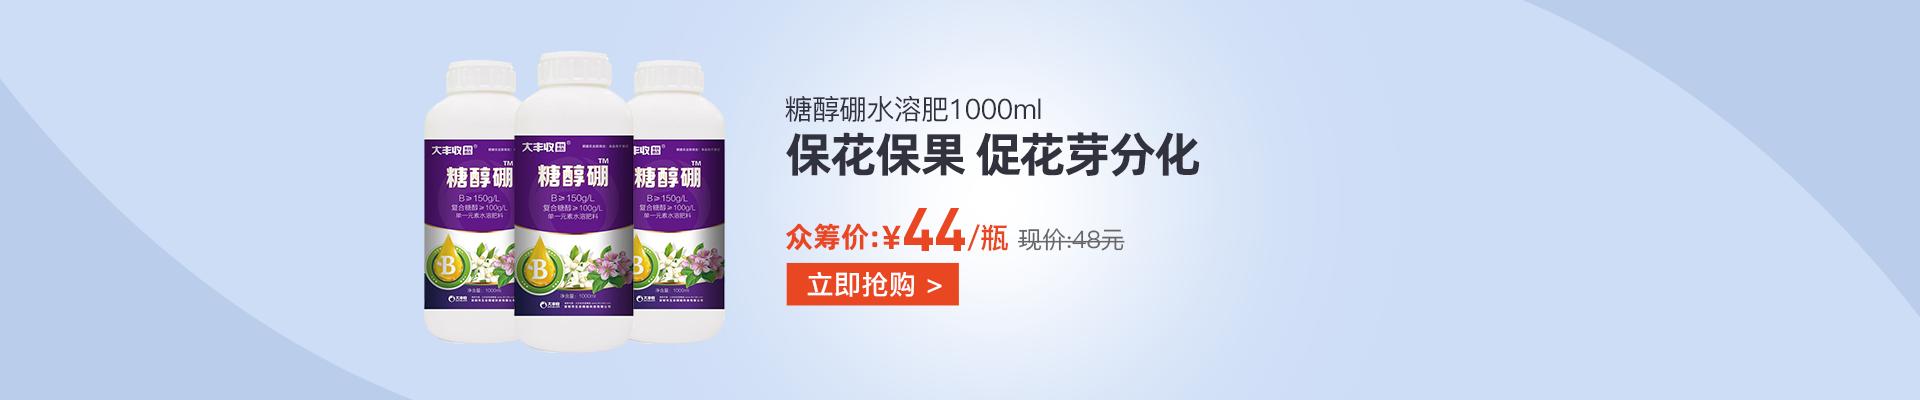 【4月】众筹-【丰创惠选】糖醇硼水溶肥 水剂 1000ml1000ml*5瓶